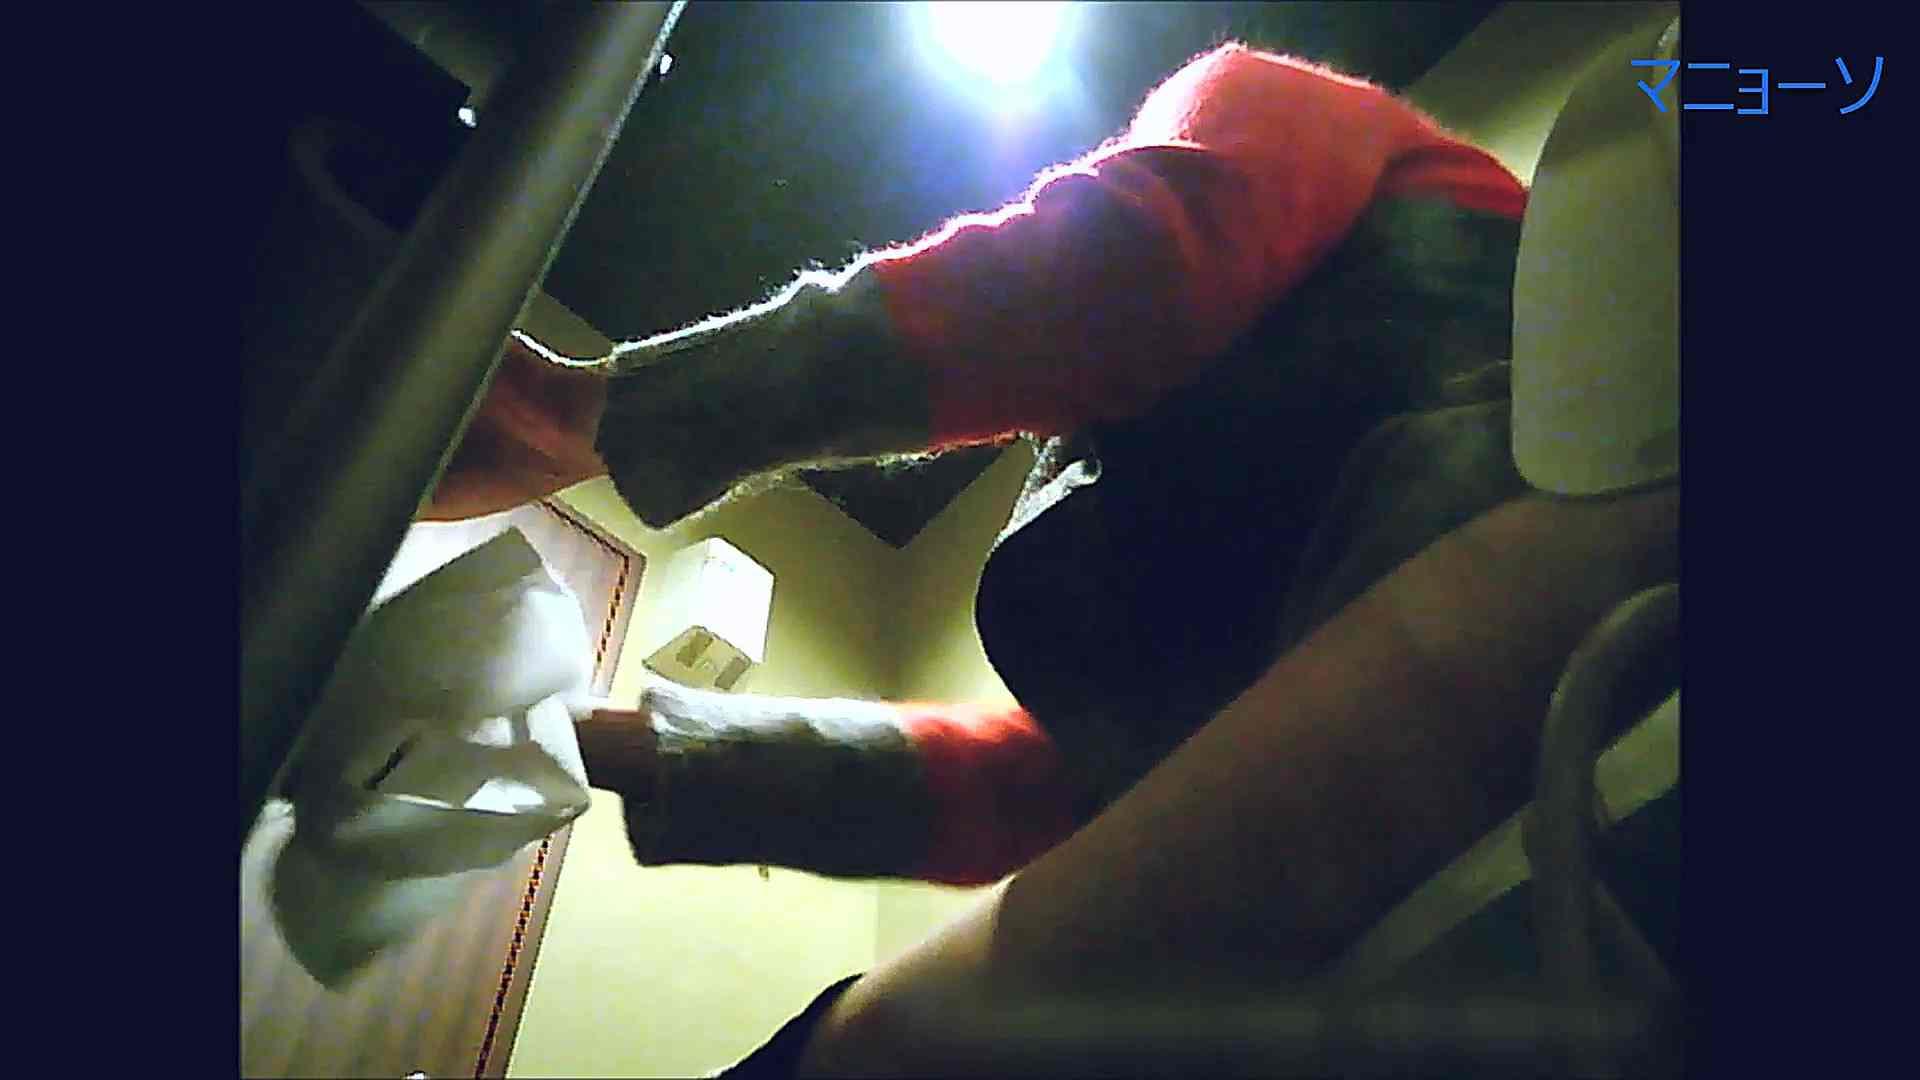 トイレでひと肌脱いでもらいました (JD編)Vol.06 トイレ  56PIX 6